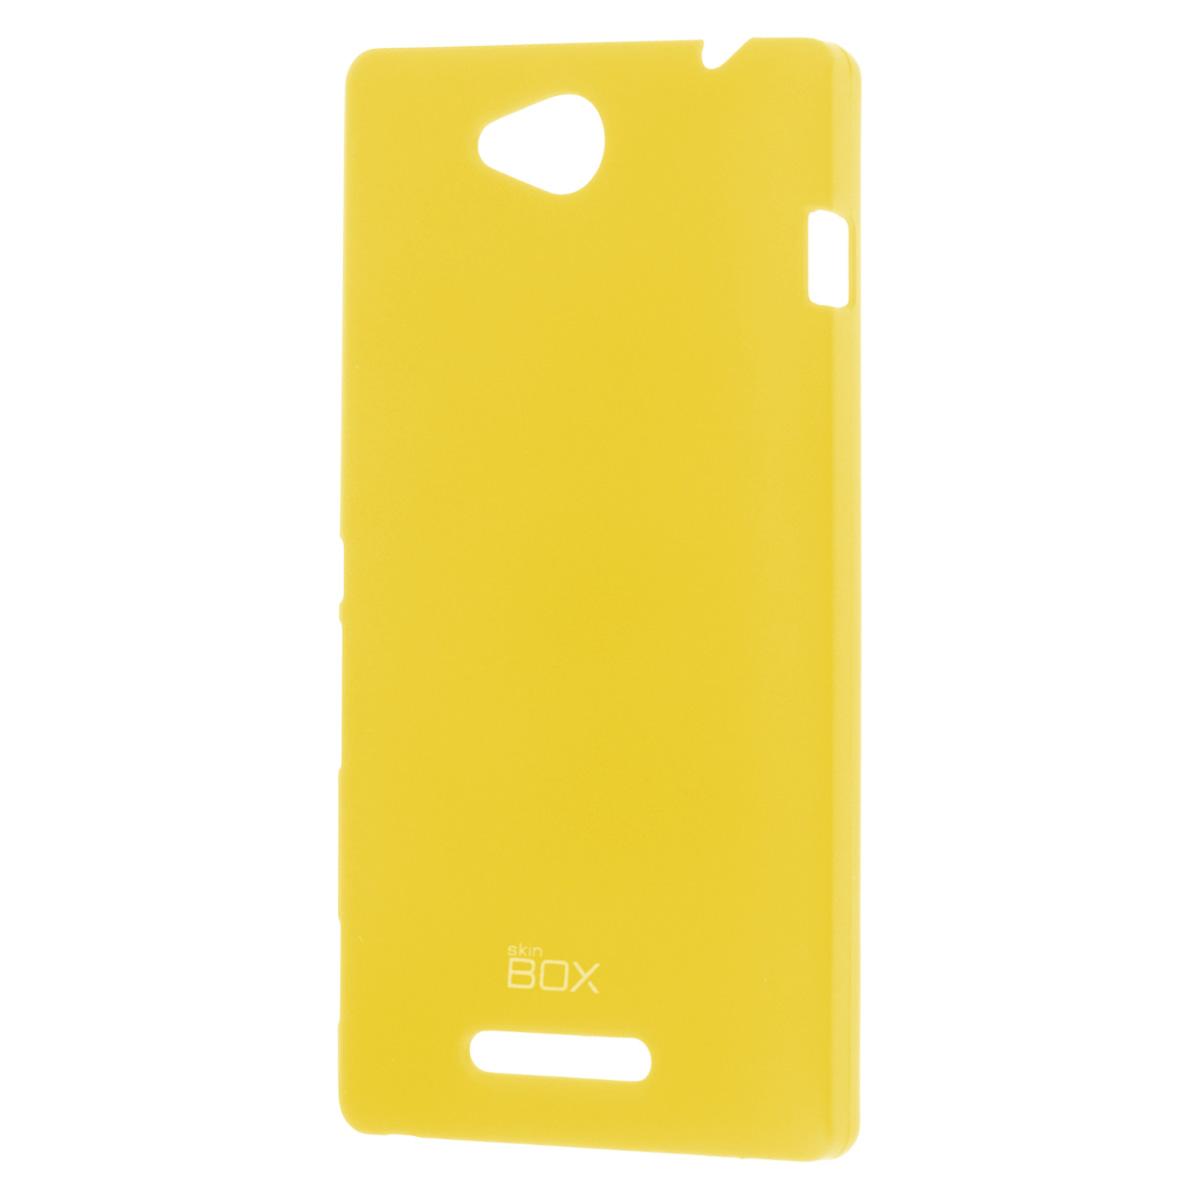 Skinbox Shield 4People чехол для Sony Xperia C, YellowT-S-SXC-002Чехол Skinbox Shield 4People для Sony Xperia C предназначен для защиты корпуса смартфона от механических повреждений и царапин в процессе эксплуатации. Имеется свободный доступ ко всем разъемам и кнопкам устройства. В комплект также входит защитная пленка на экран телефона.